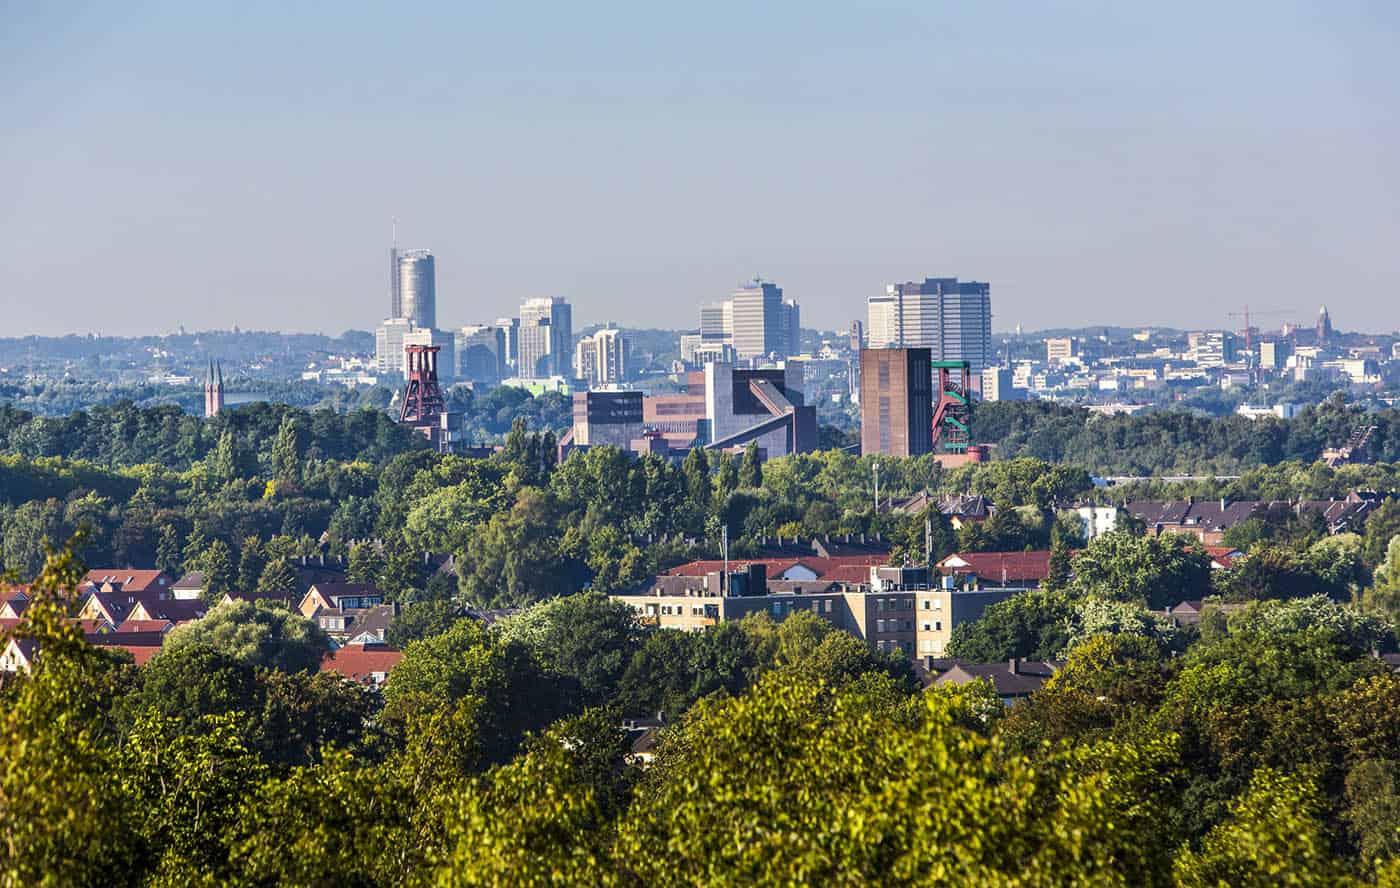 Skyline von Essen, vorne die Zeche Zollverein, Weltkulturerbe, dahinter die Hochhäuser der Innenstadt, mit dem Rathaus, rechts, RWE Tower, links,